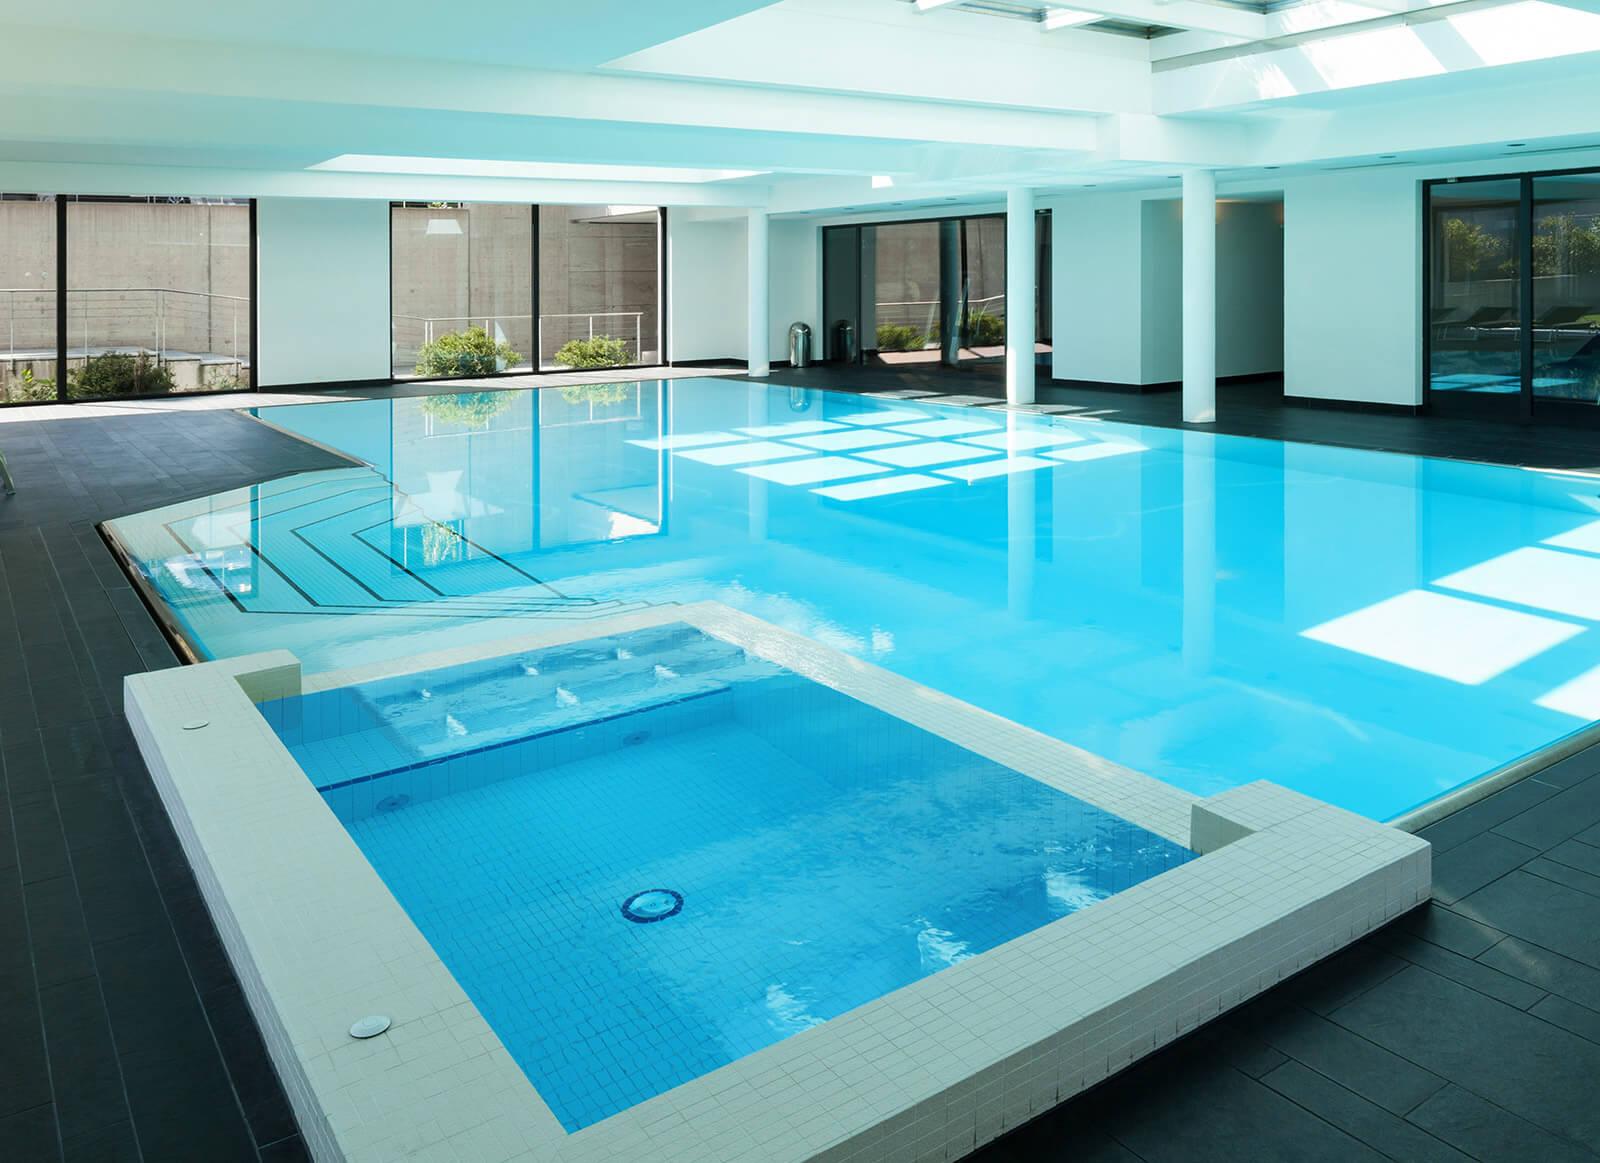 Binnenzwembad remon zwembaden zwembad wellness for Binnenzwembad bouwen